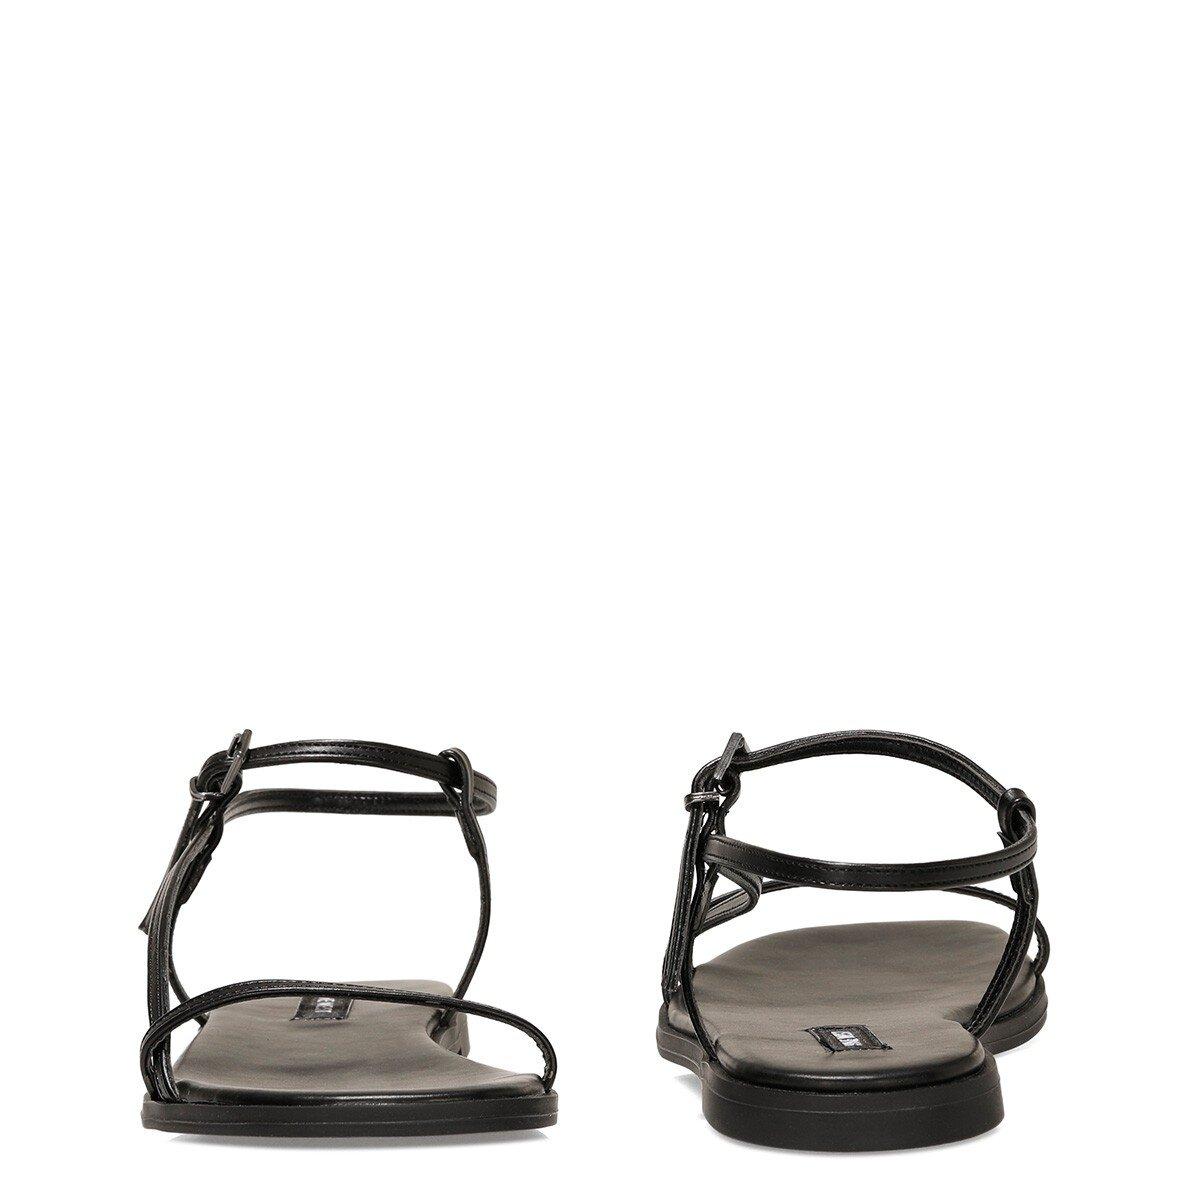 MELSA2 1FX Siyah Kadın Düz Sandalet